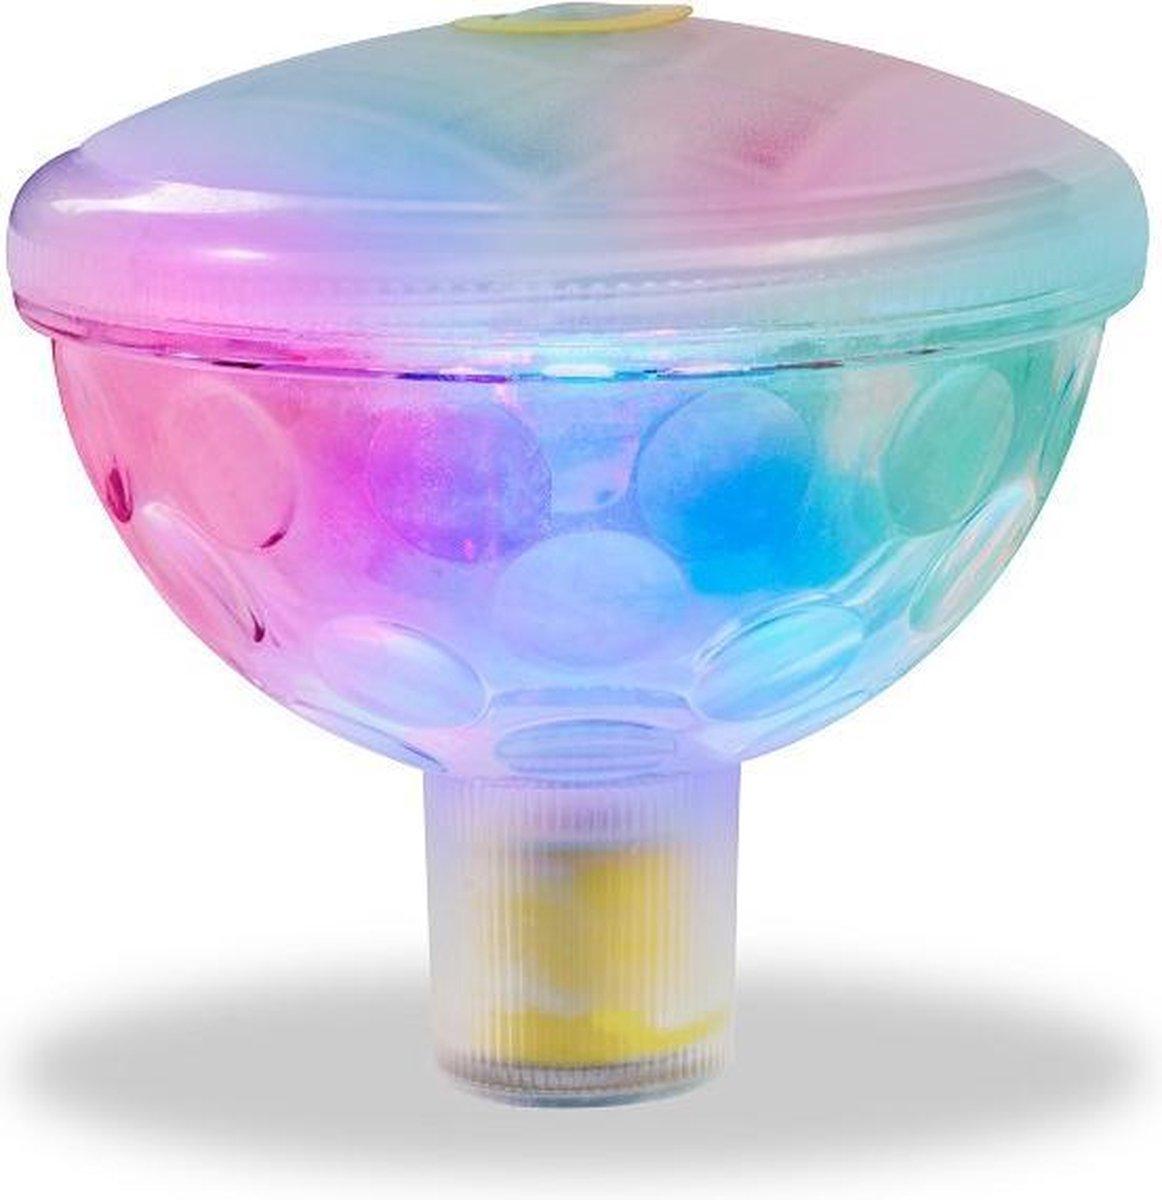 Avenli Drijvende LED Lamp voor Spa